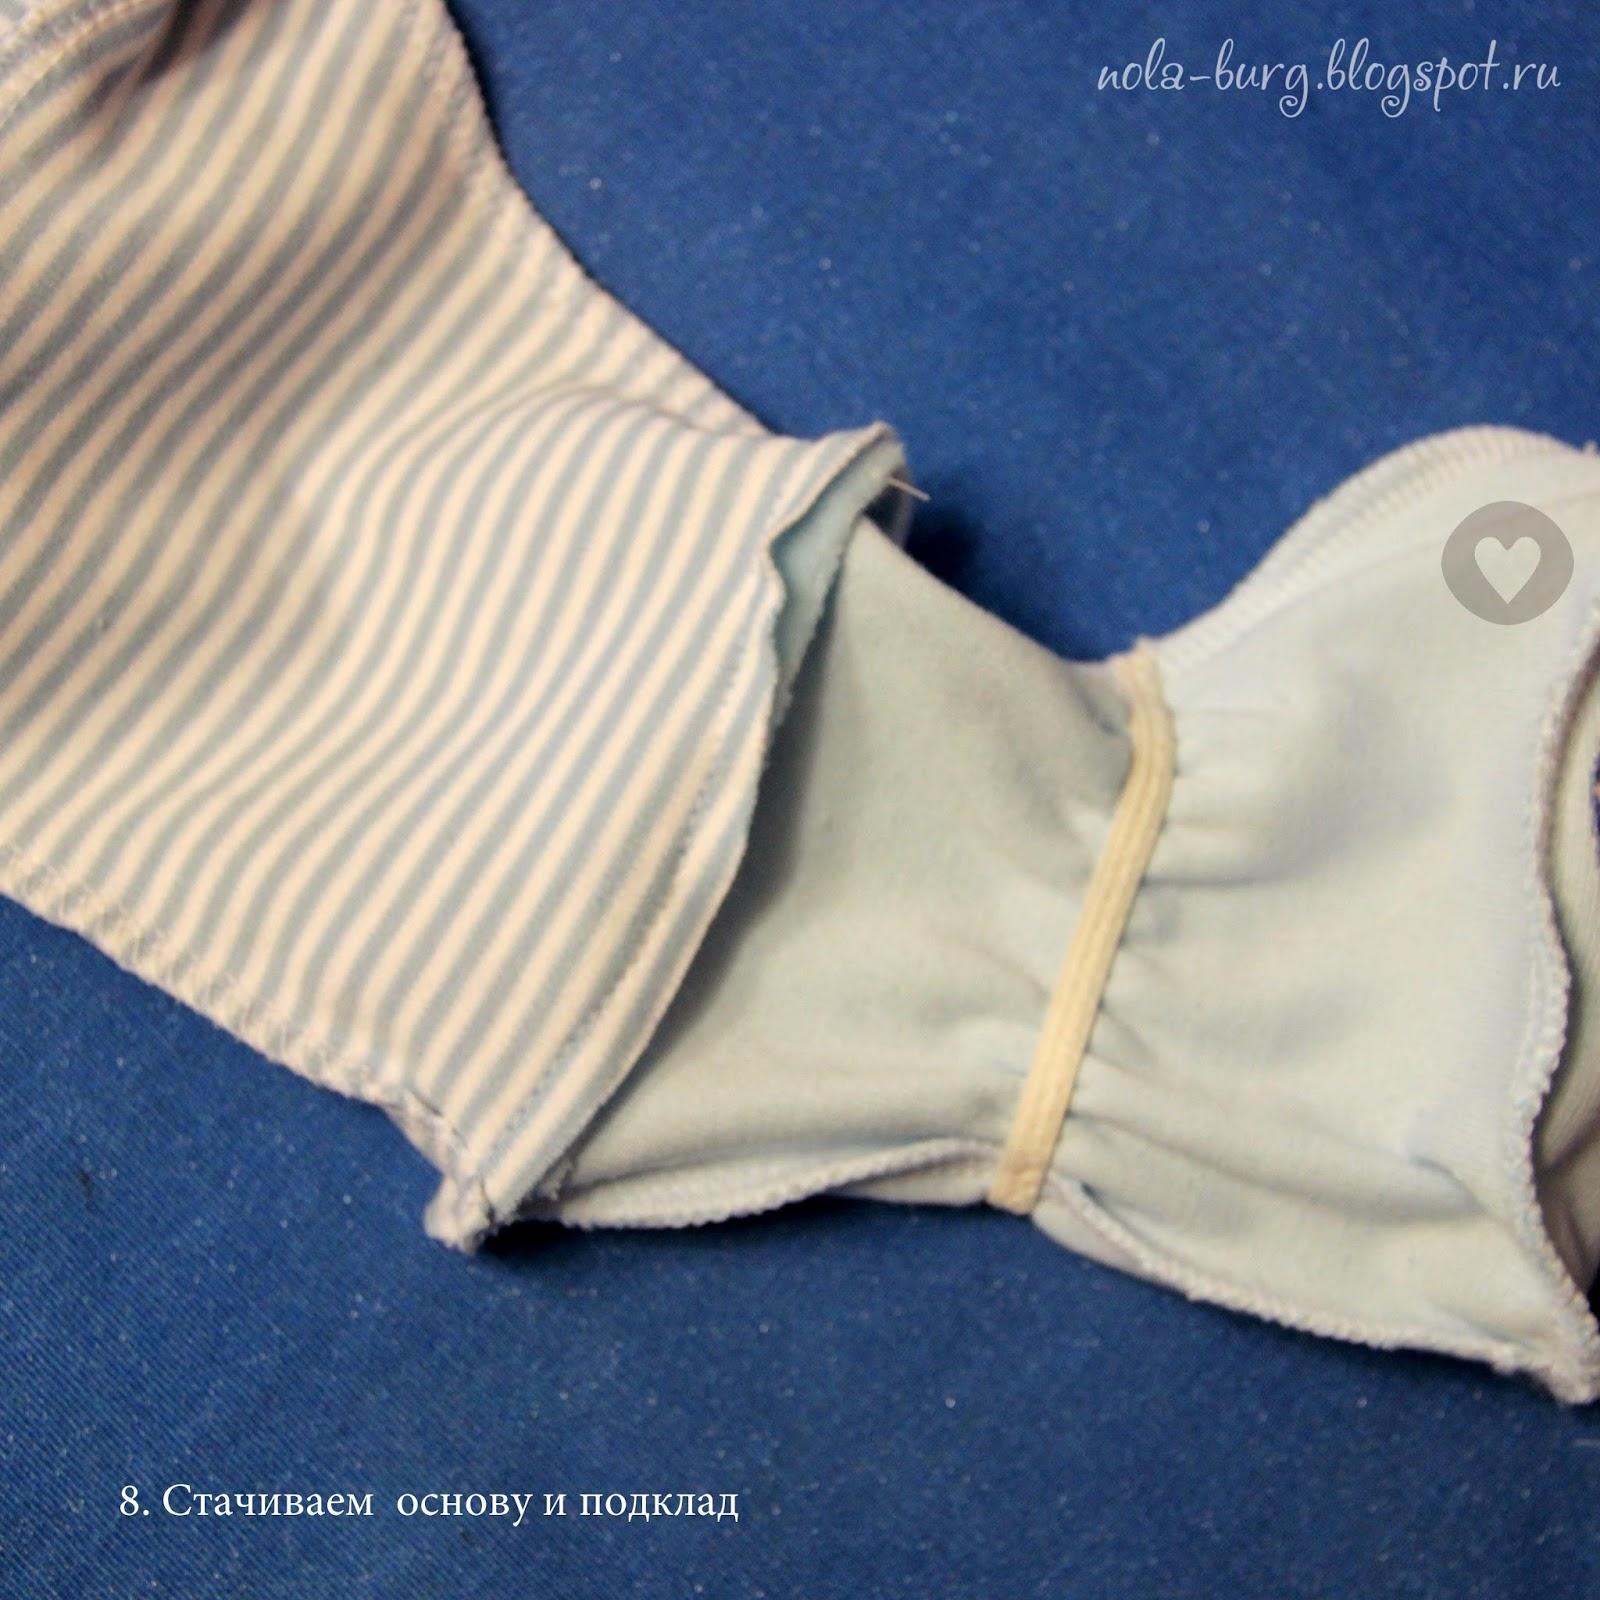 Вязание крючком мужские шарфы по схемам